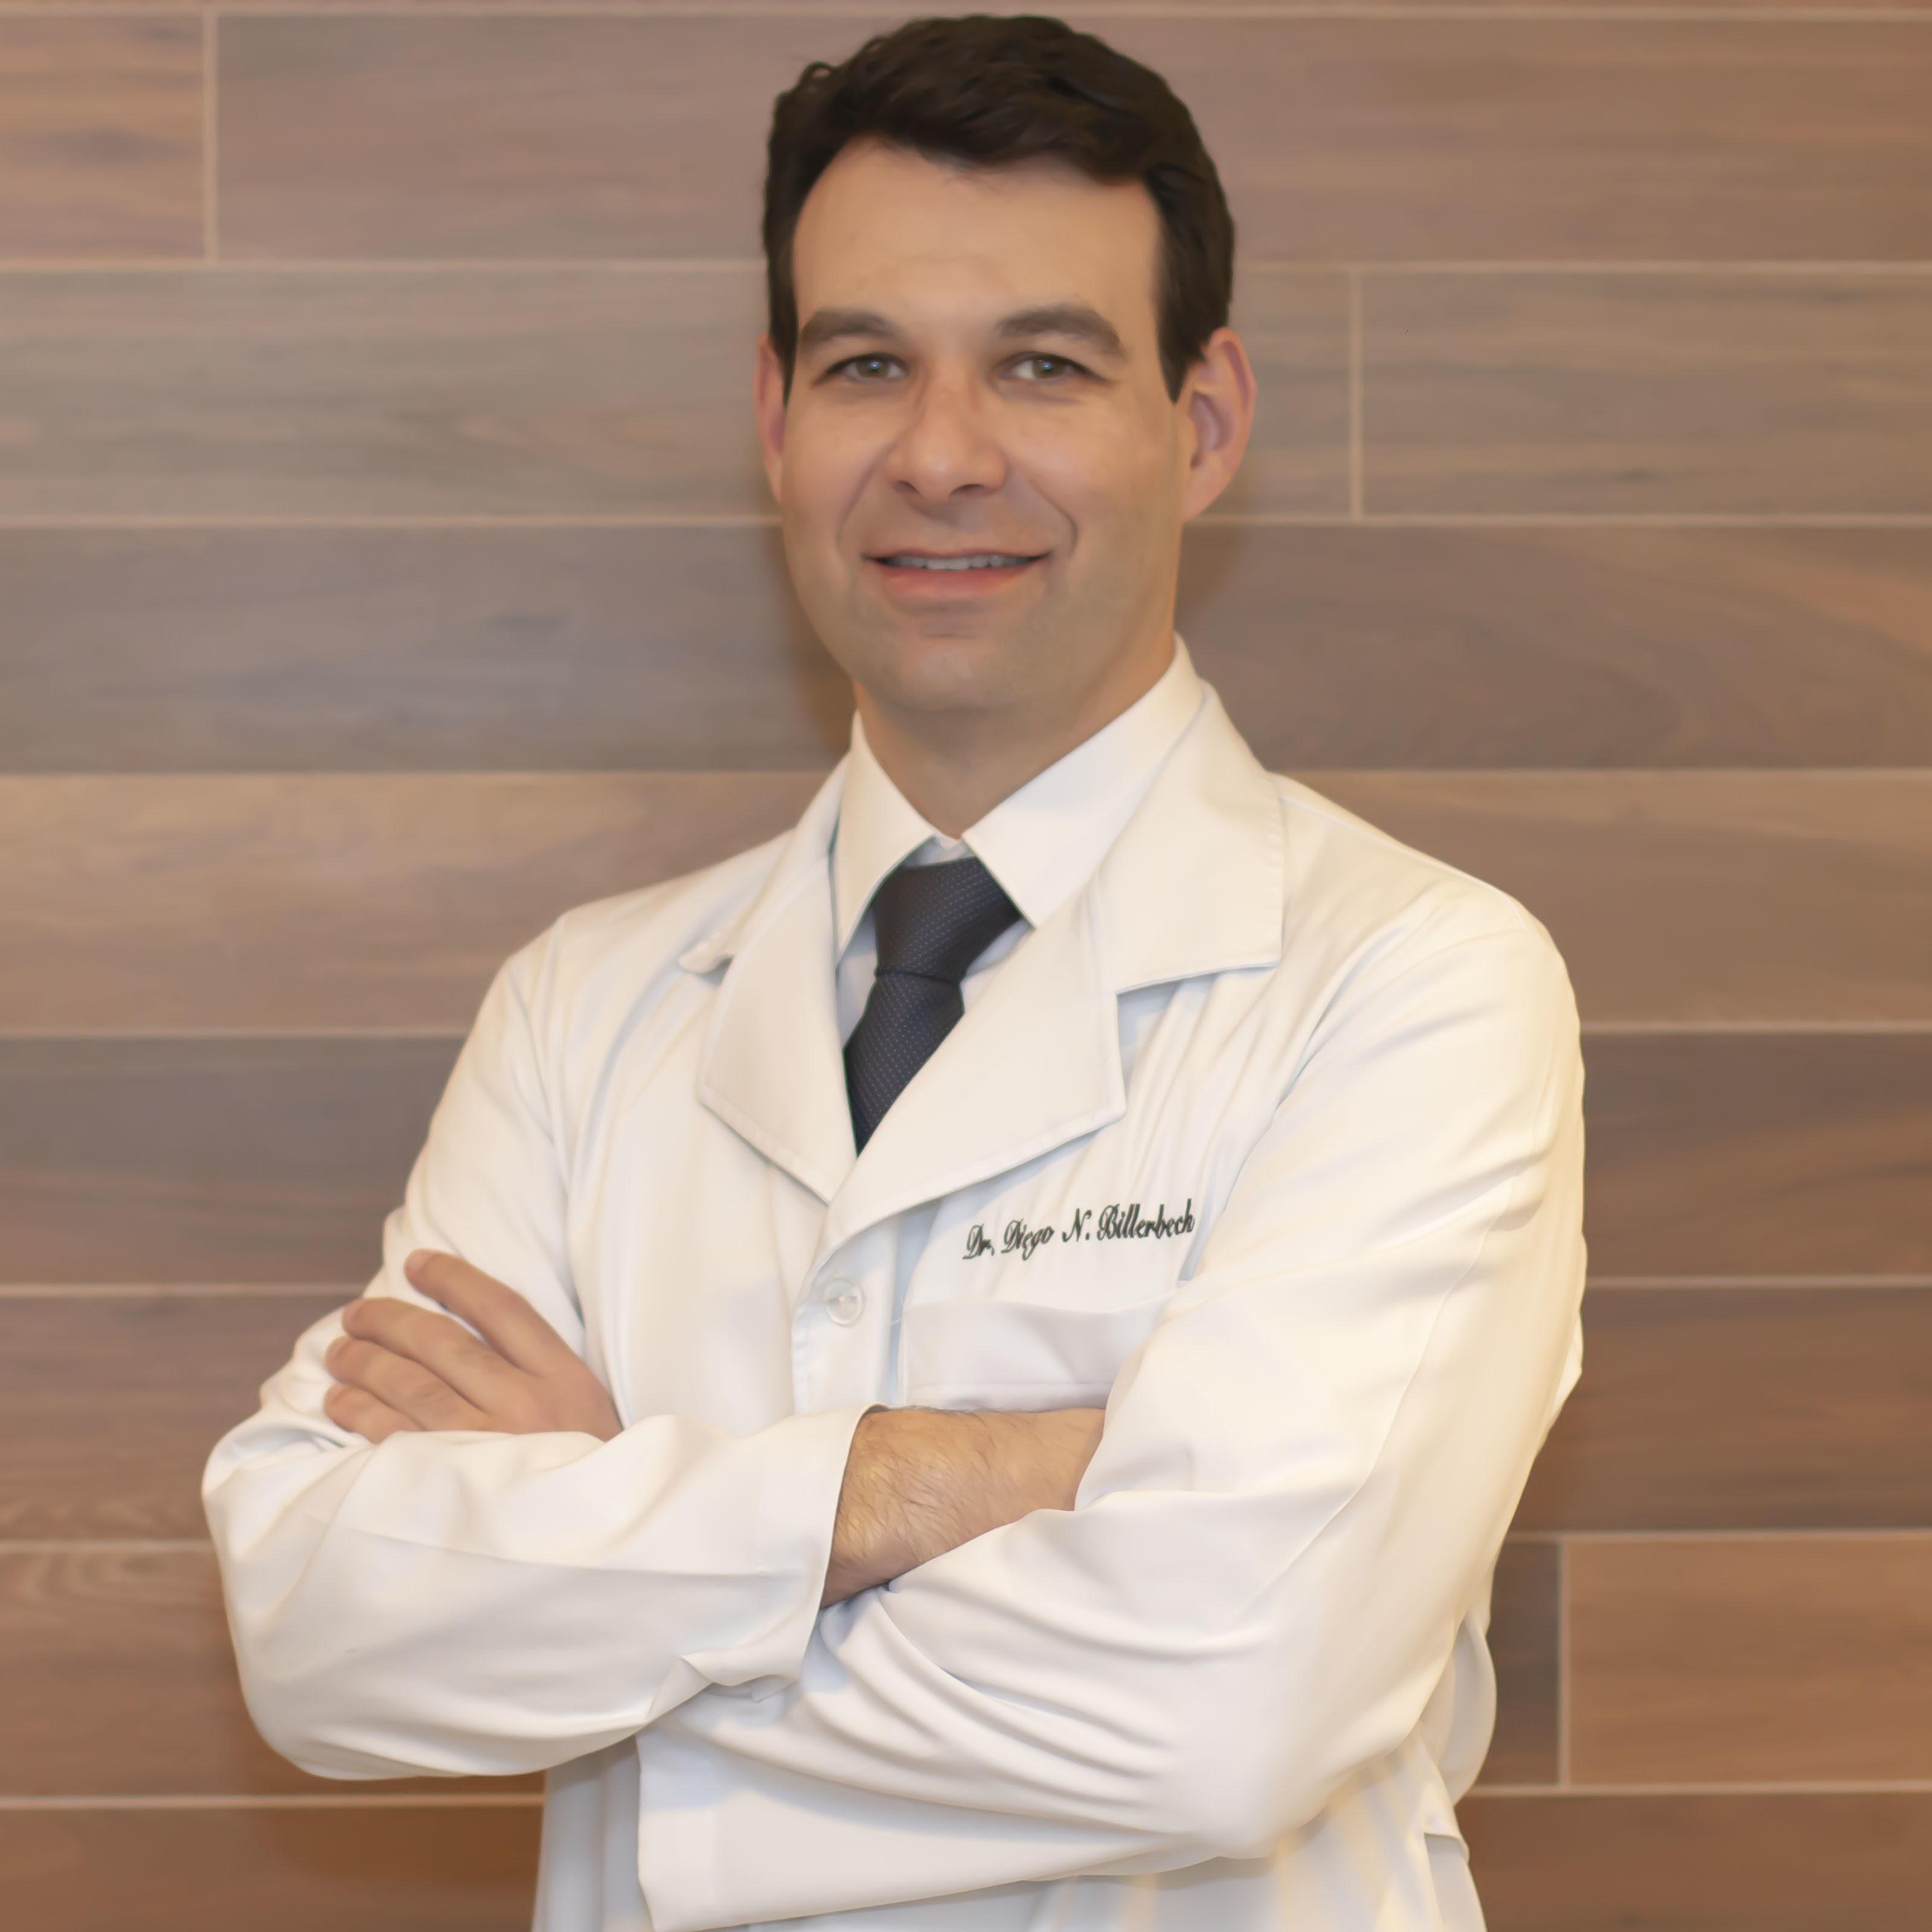 Dr. Diego Nunes